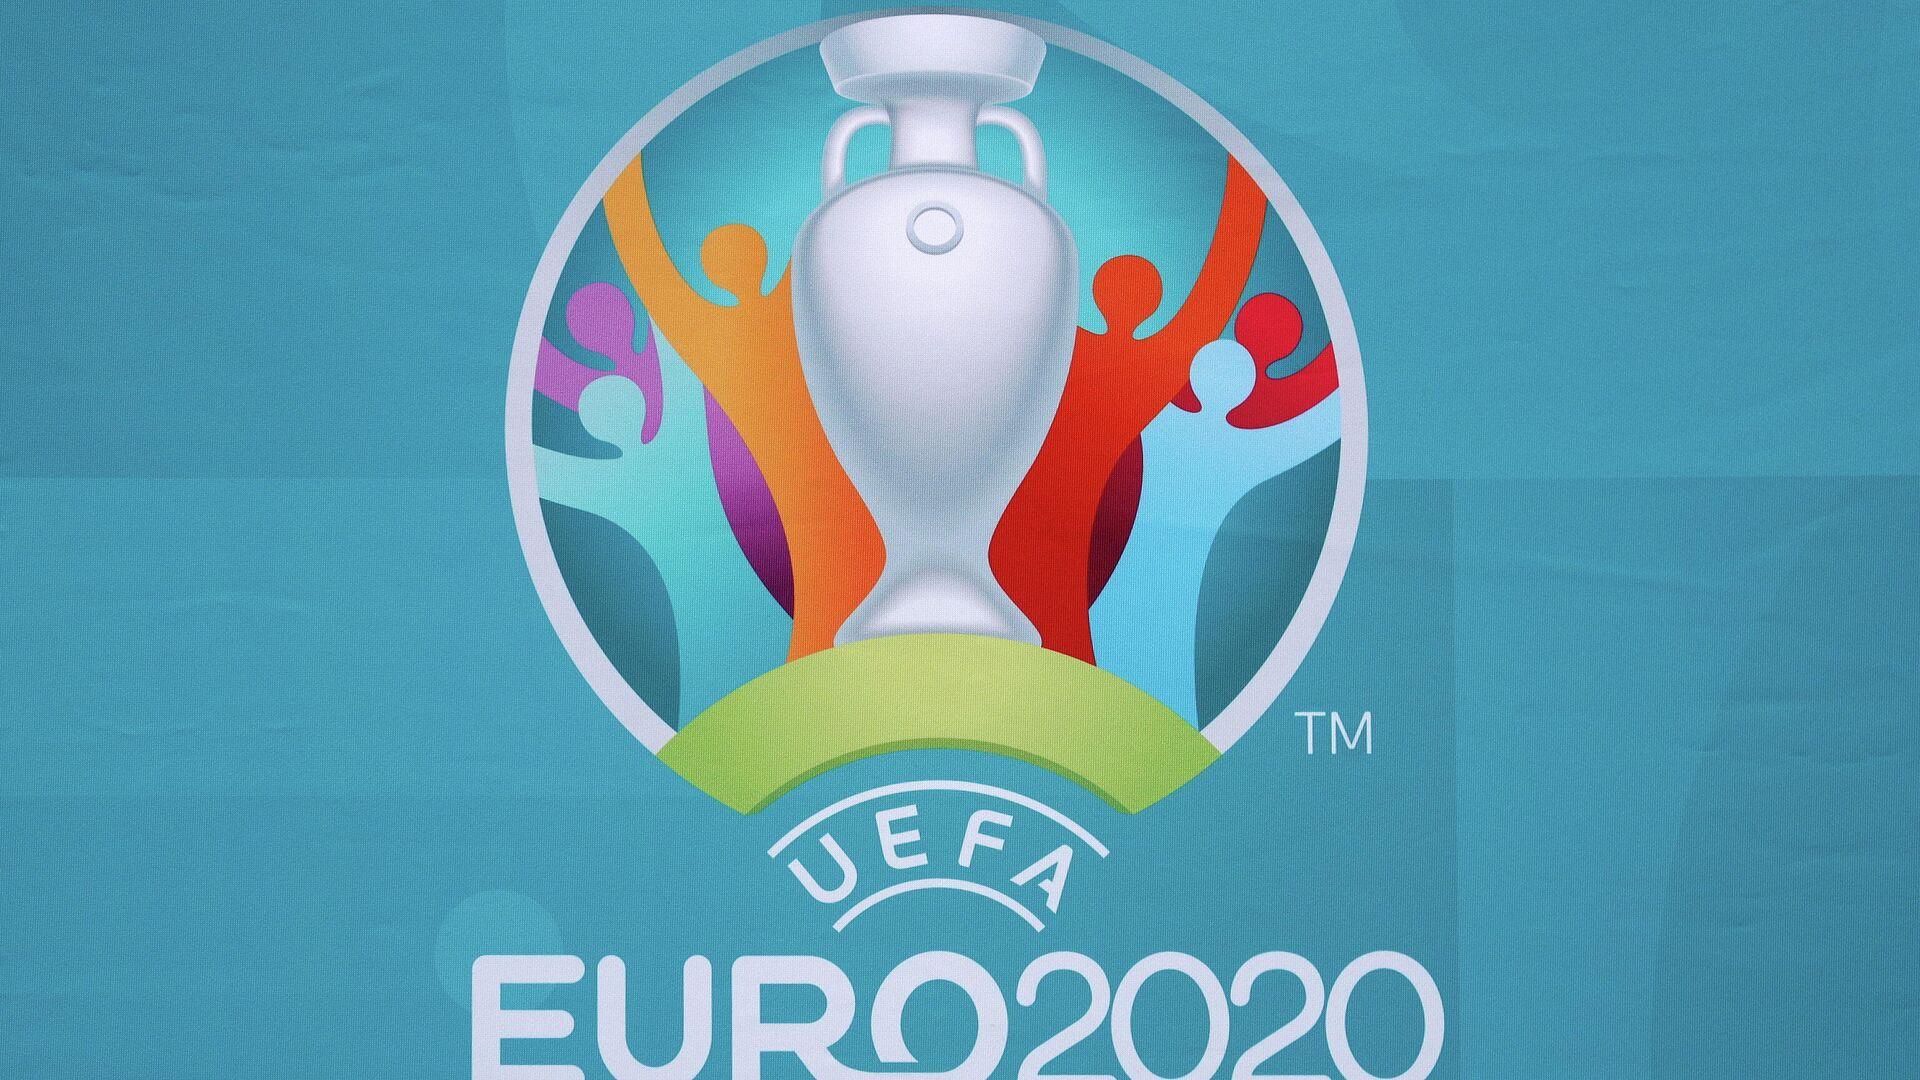 Unión de Federaciones Europeas de Fútbol (UEFA) (logo) - Sputnik Mundo, 1920, 02.07.2021